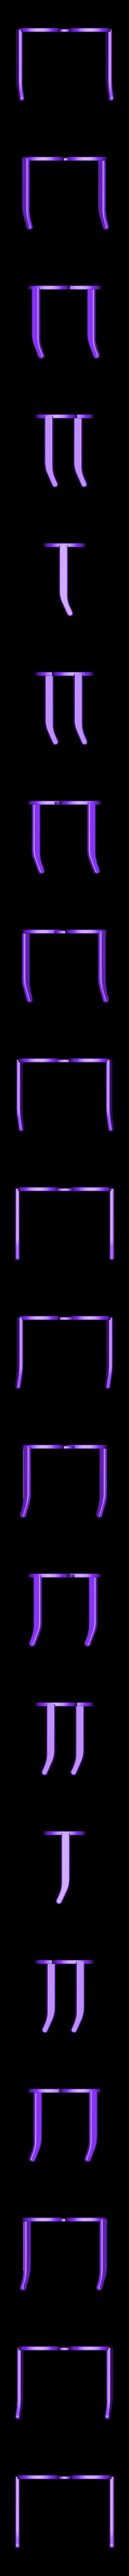 Fun_Glass.STL Télécharger fichier STL gratuit Drôle de verre • Plan à imprimer en 3D, Pwenyrr